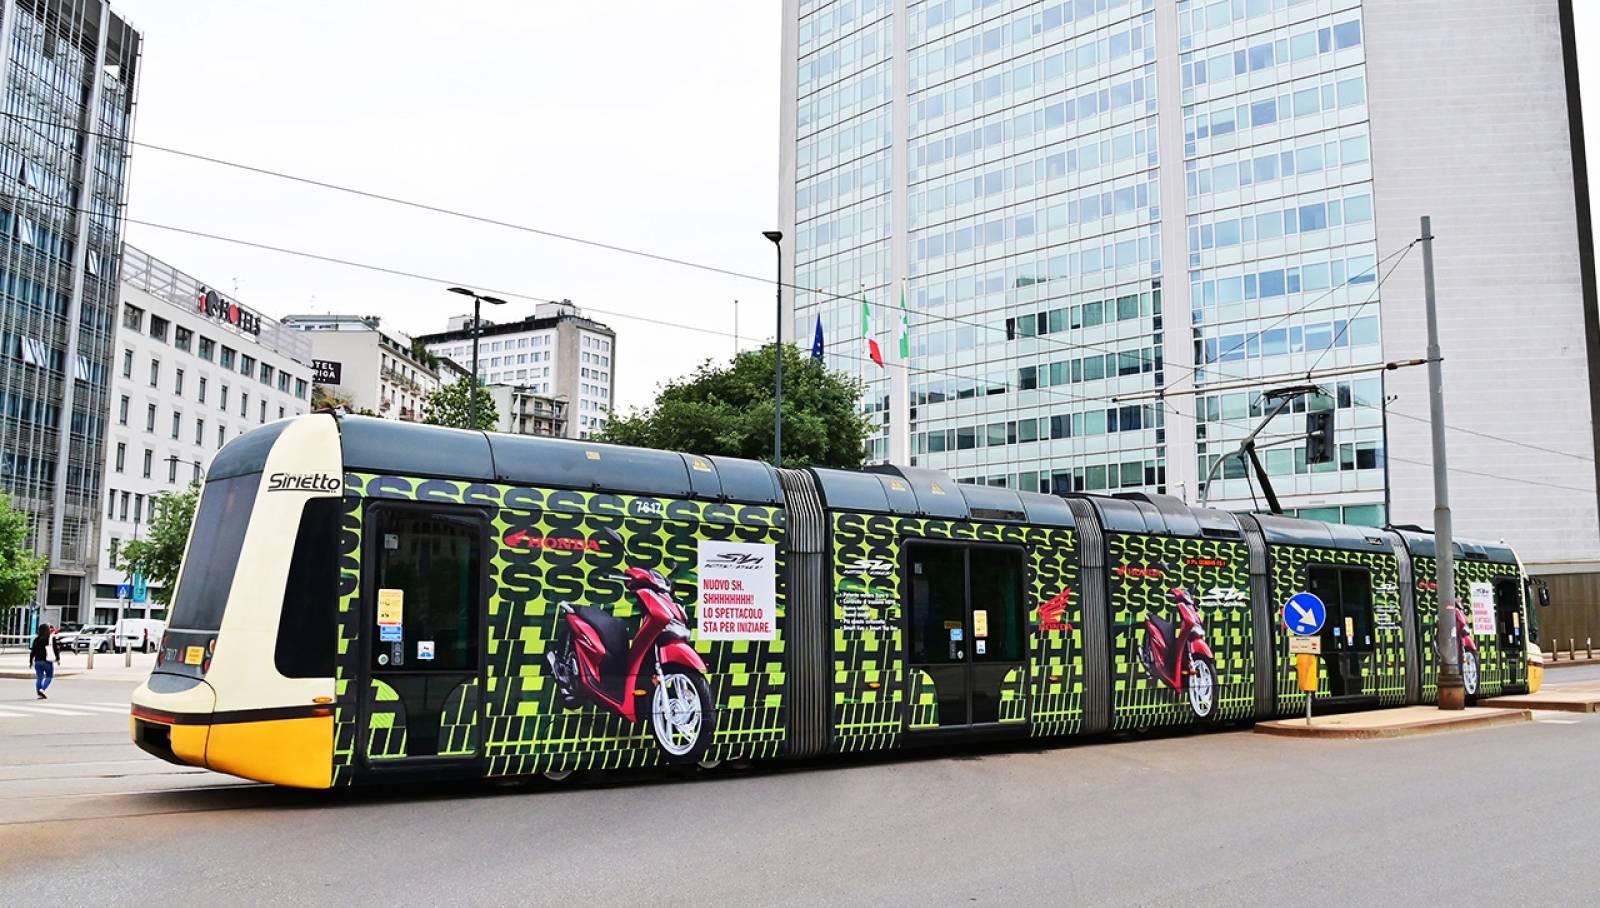 Pubblicità su tram IGPDecaux a Milano tram decorato (Full-Wrap) per Honda